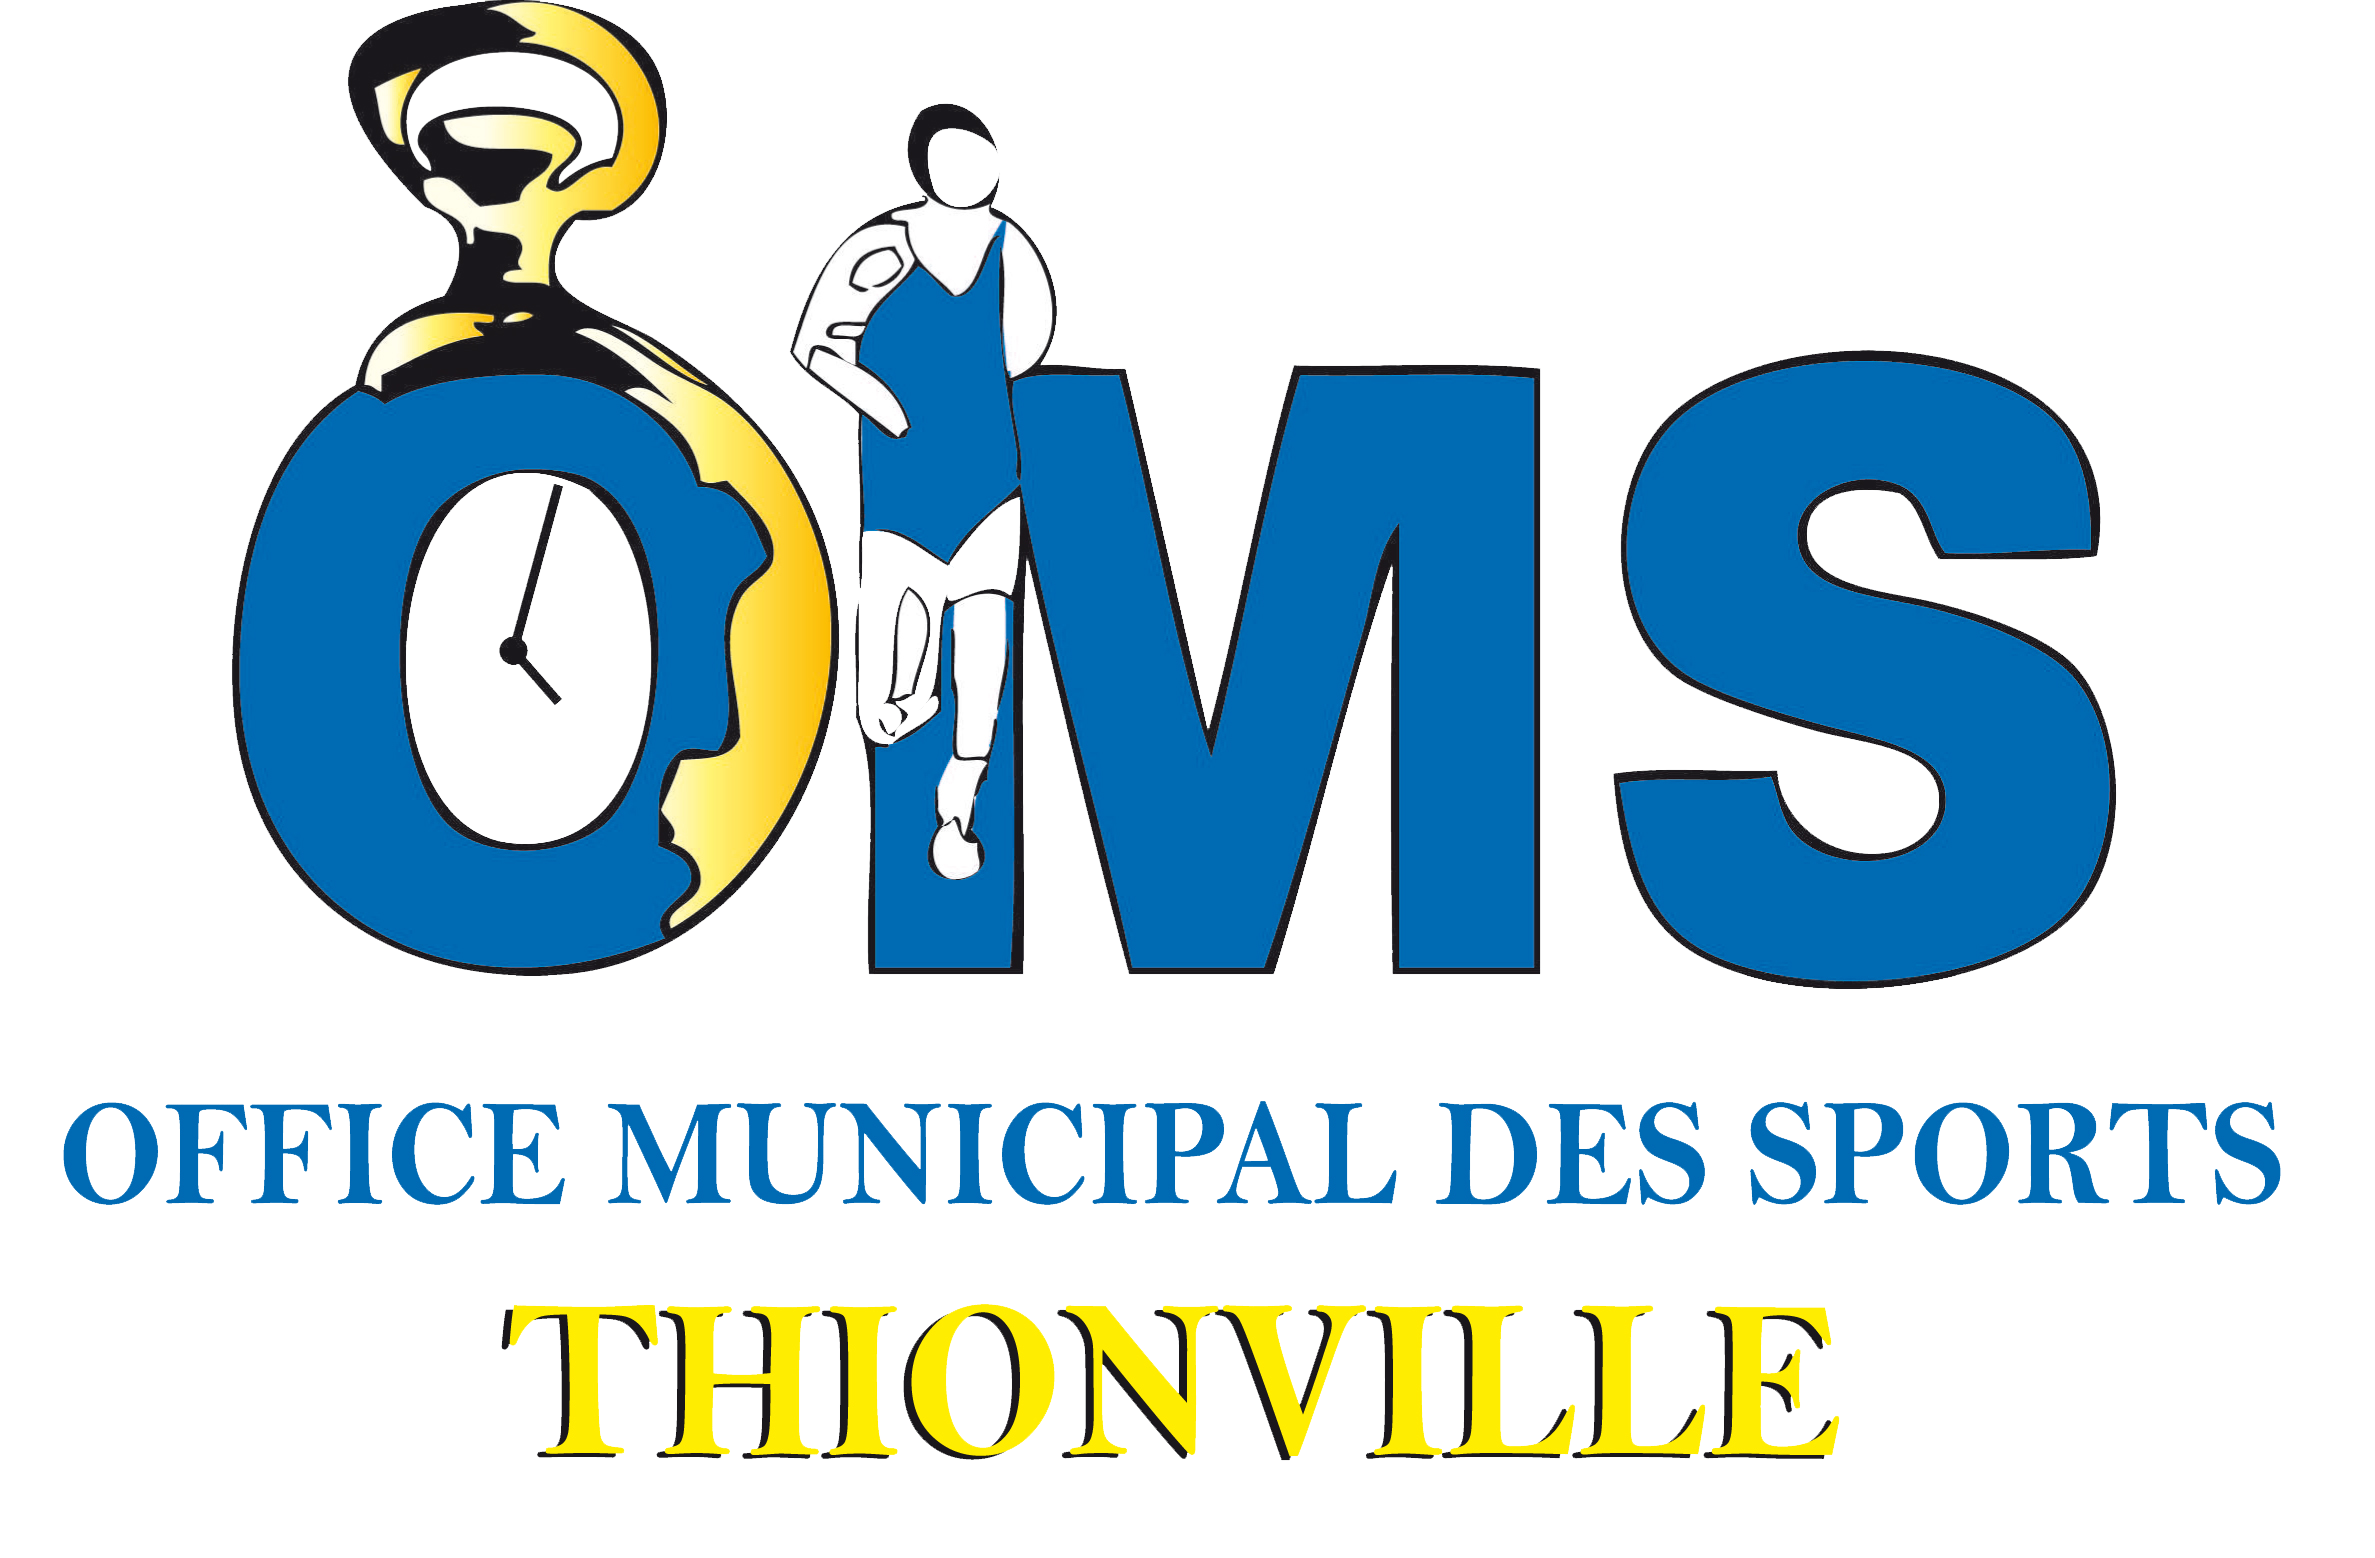 Office municipal des sports de thionville - Office municipale des sports ...